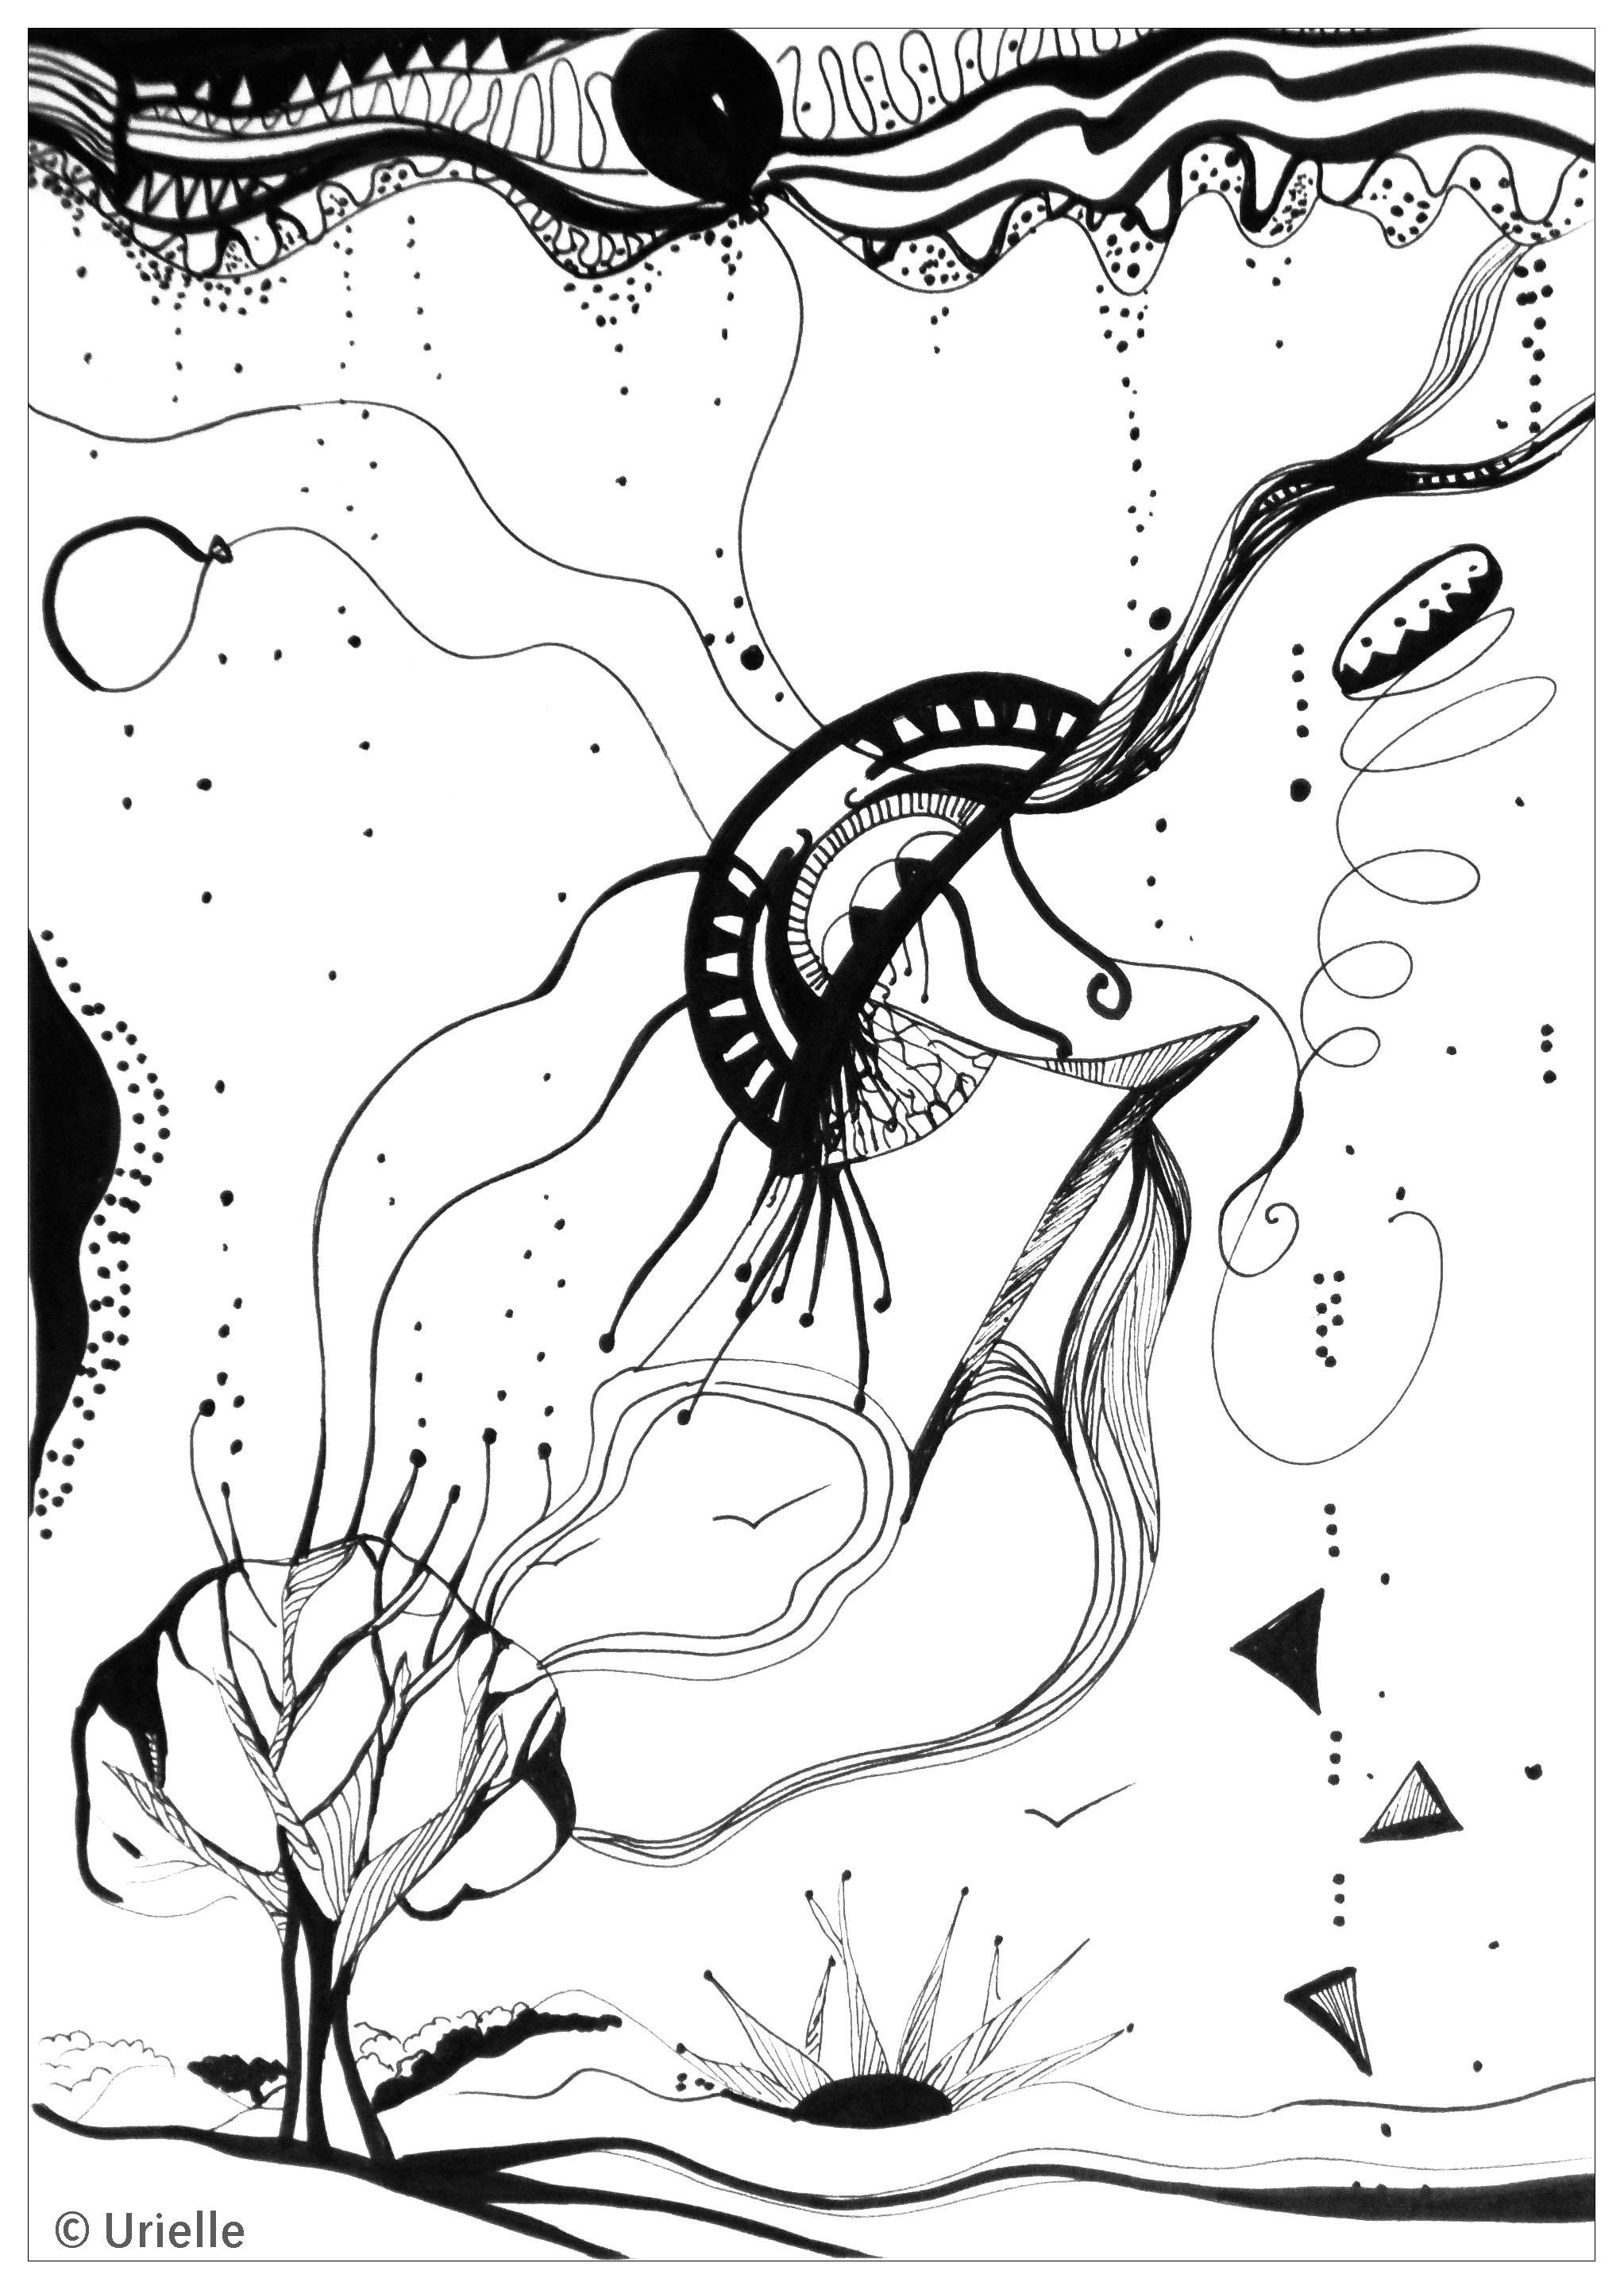 Nature | A partir de la galerie : Anti Stress | Artiste : Urielle